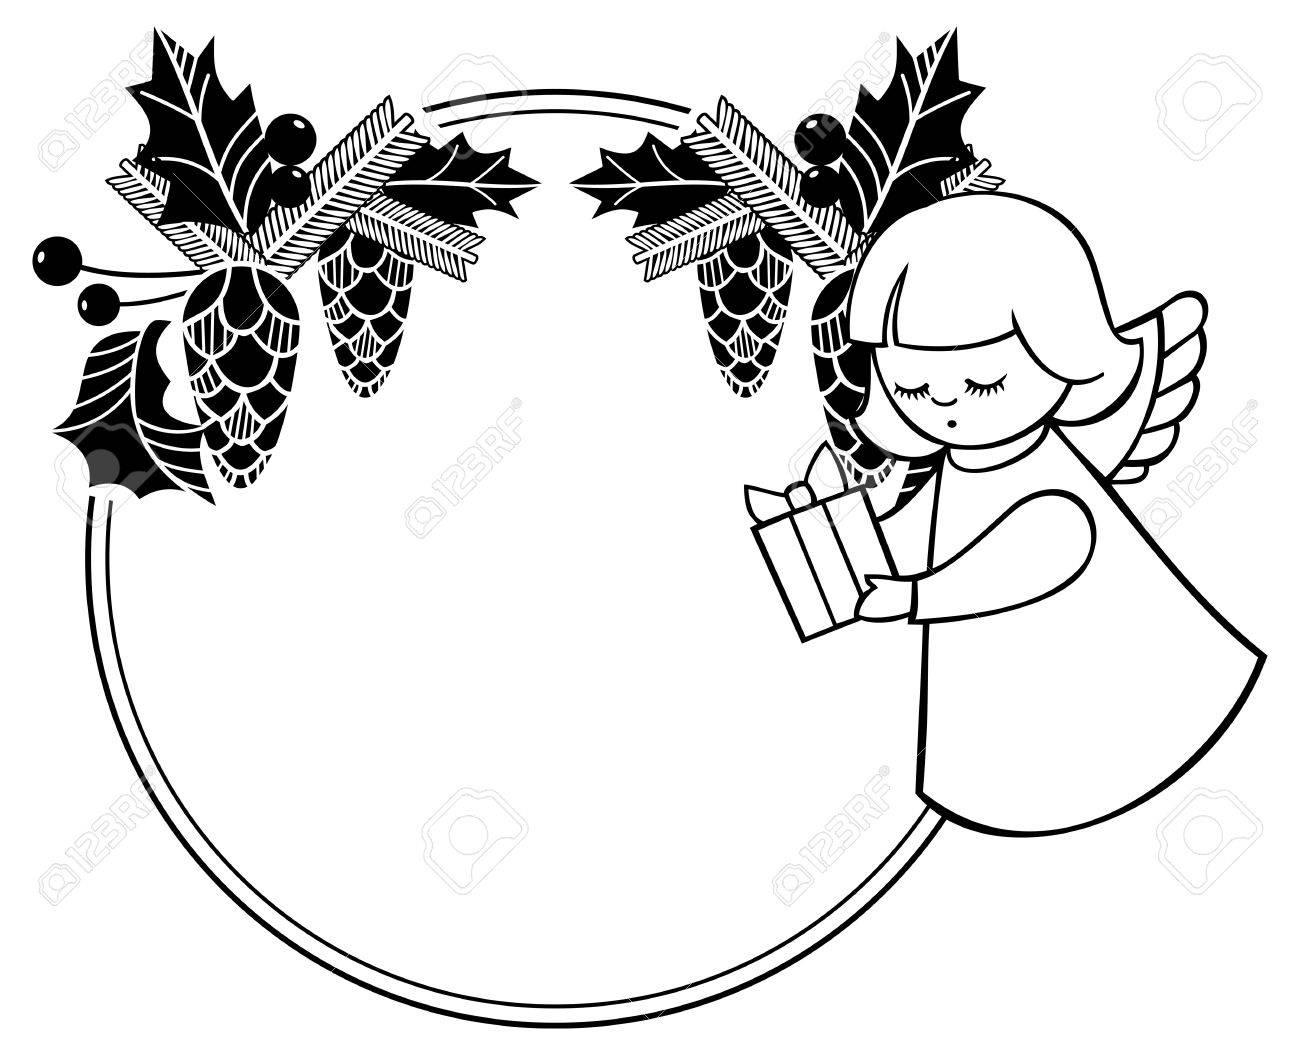 Schwarz-Weiß-rouen Weihnachten Rahmen Mit Niedlichen Engel. Kopieren ...